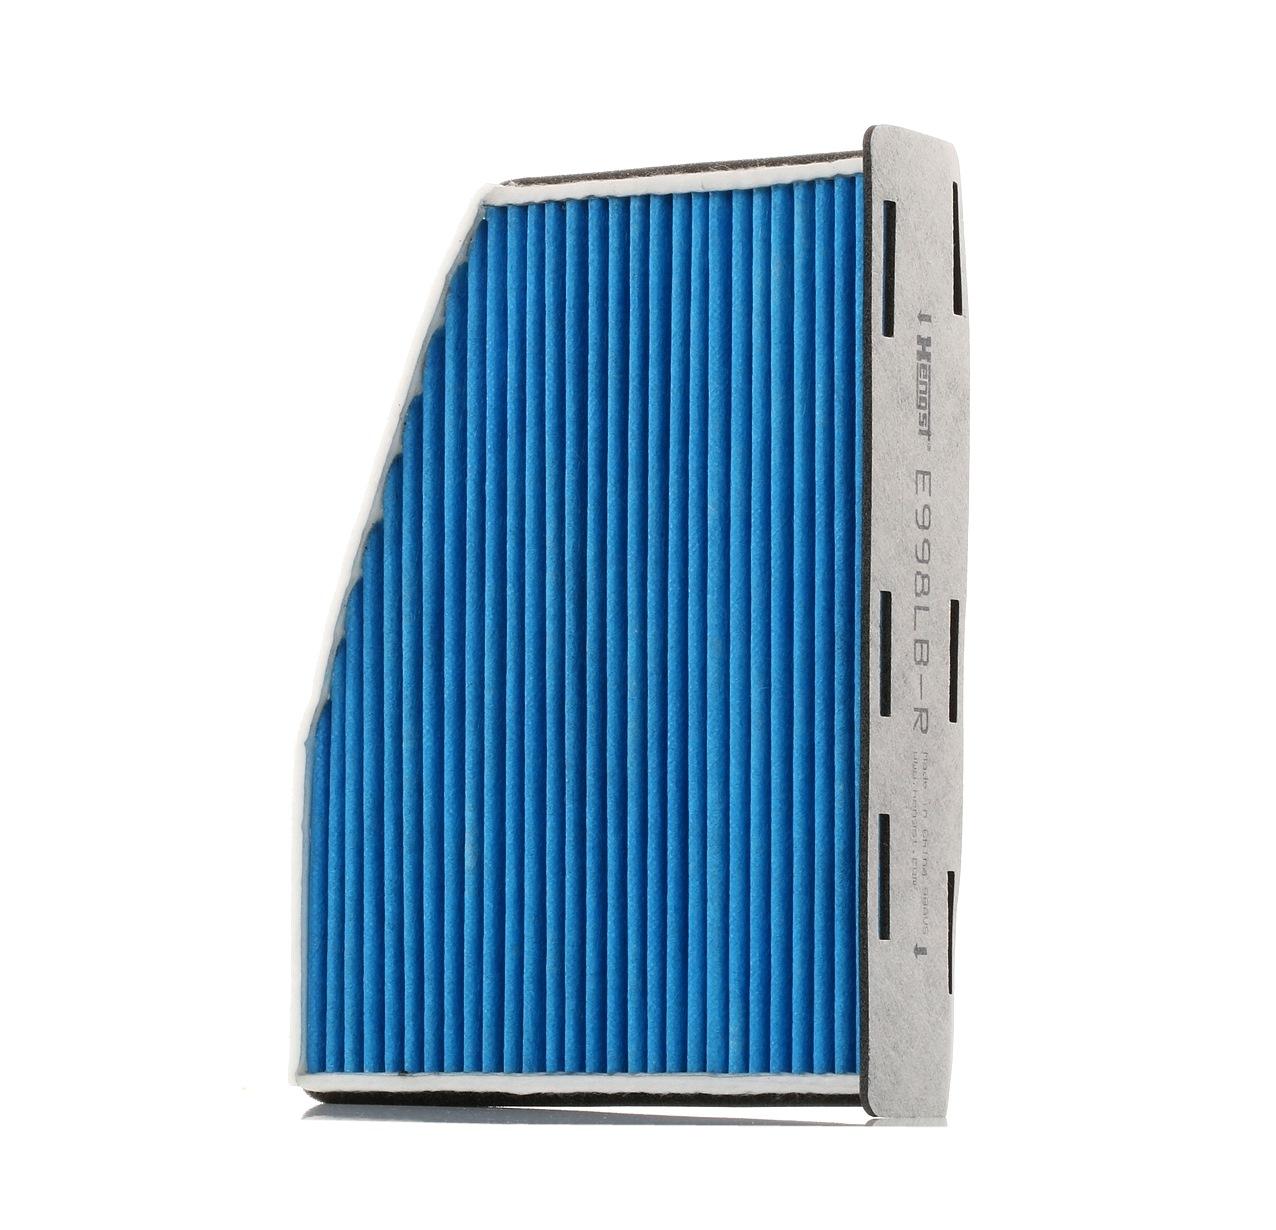 7515310000 HENGST FILTER mit antibakterieller Wirkung Breite: 215mm, Höhe: 57mm, Länge: 286mm Filter, Innenraumluft E998LB-R günstig kaufen